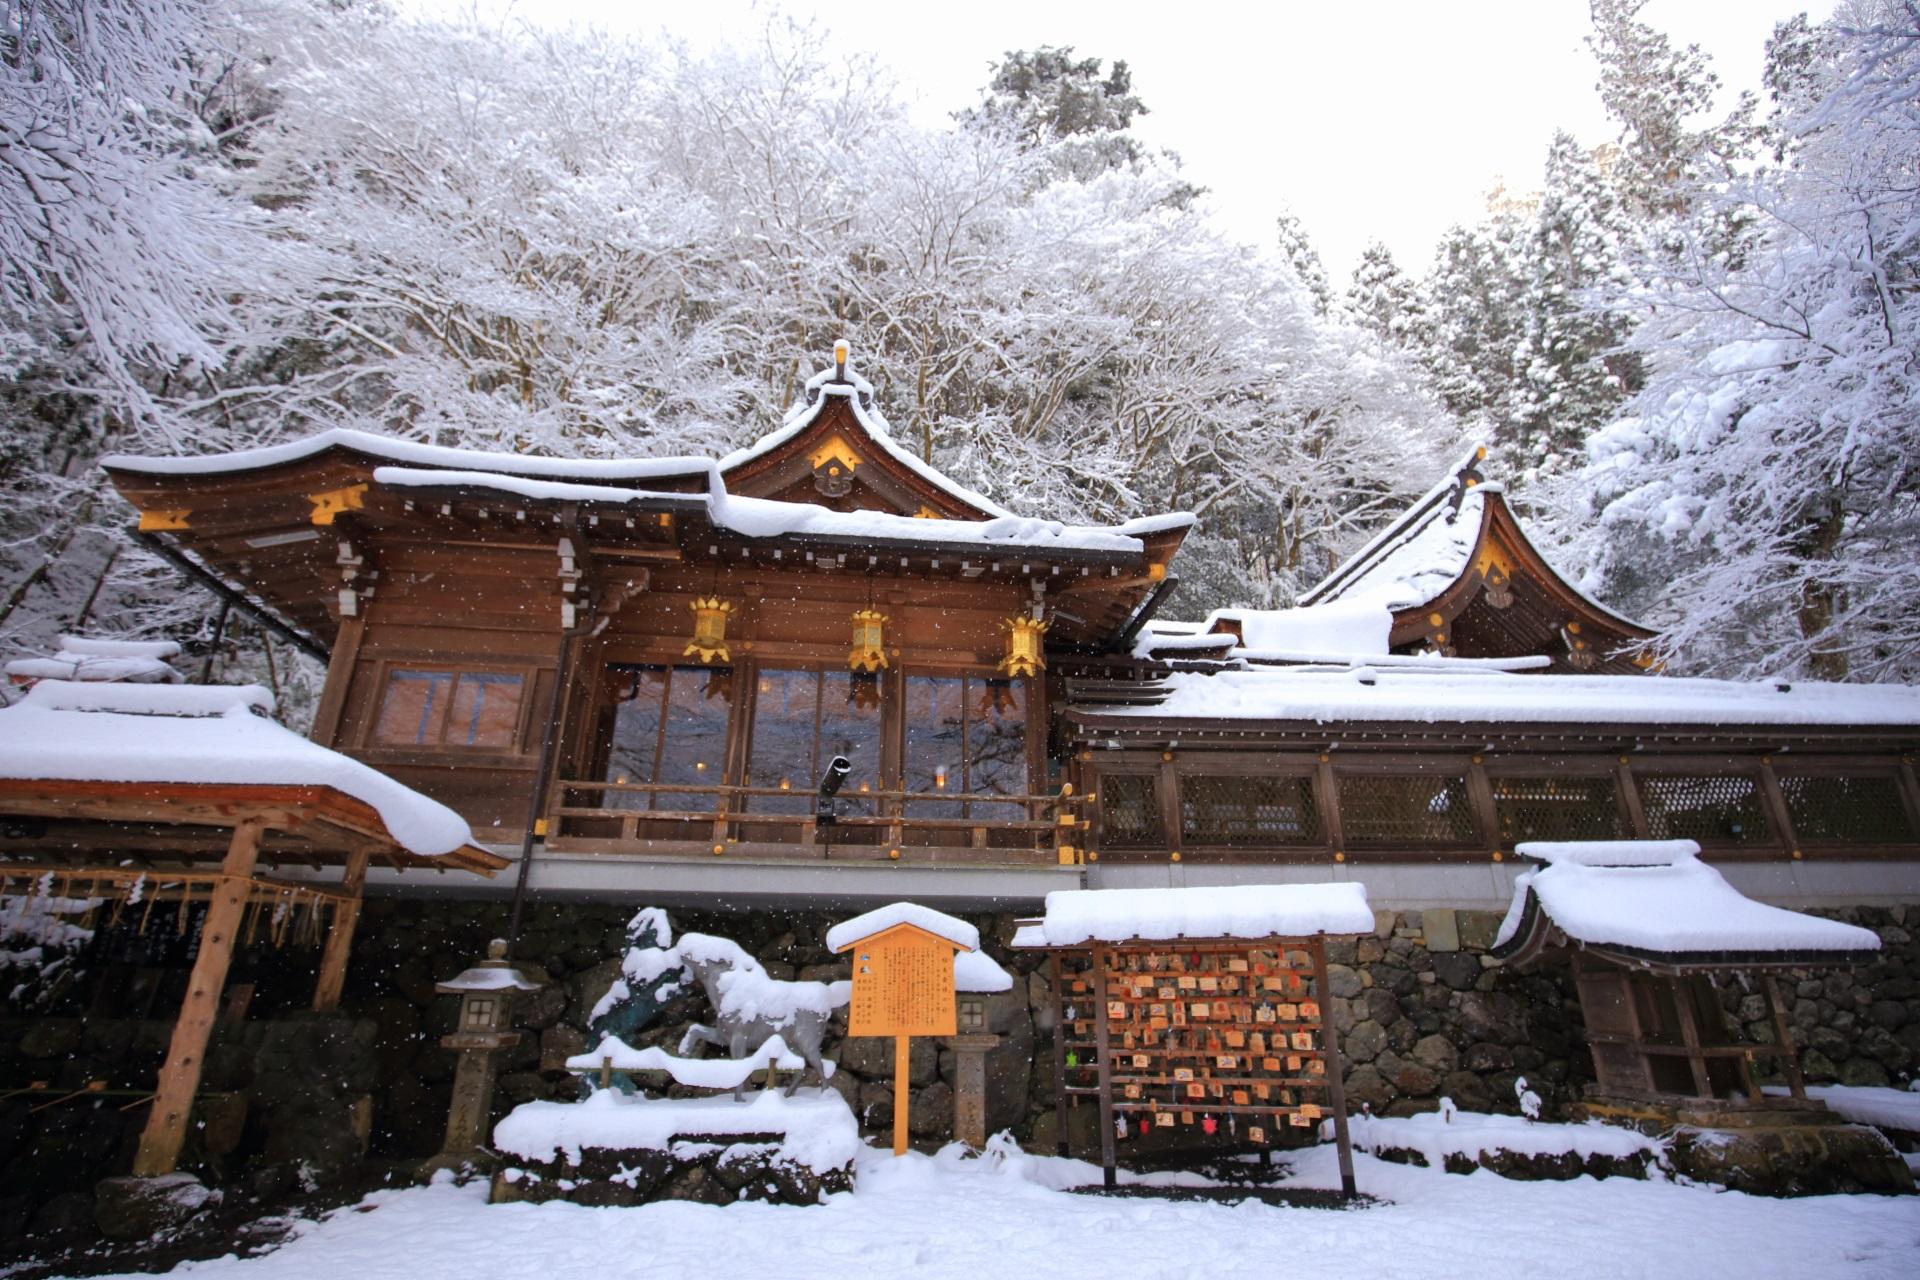 貴船神社の美しすぎる雪景色と冬色の情景